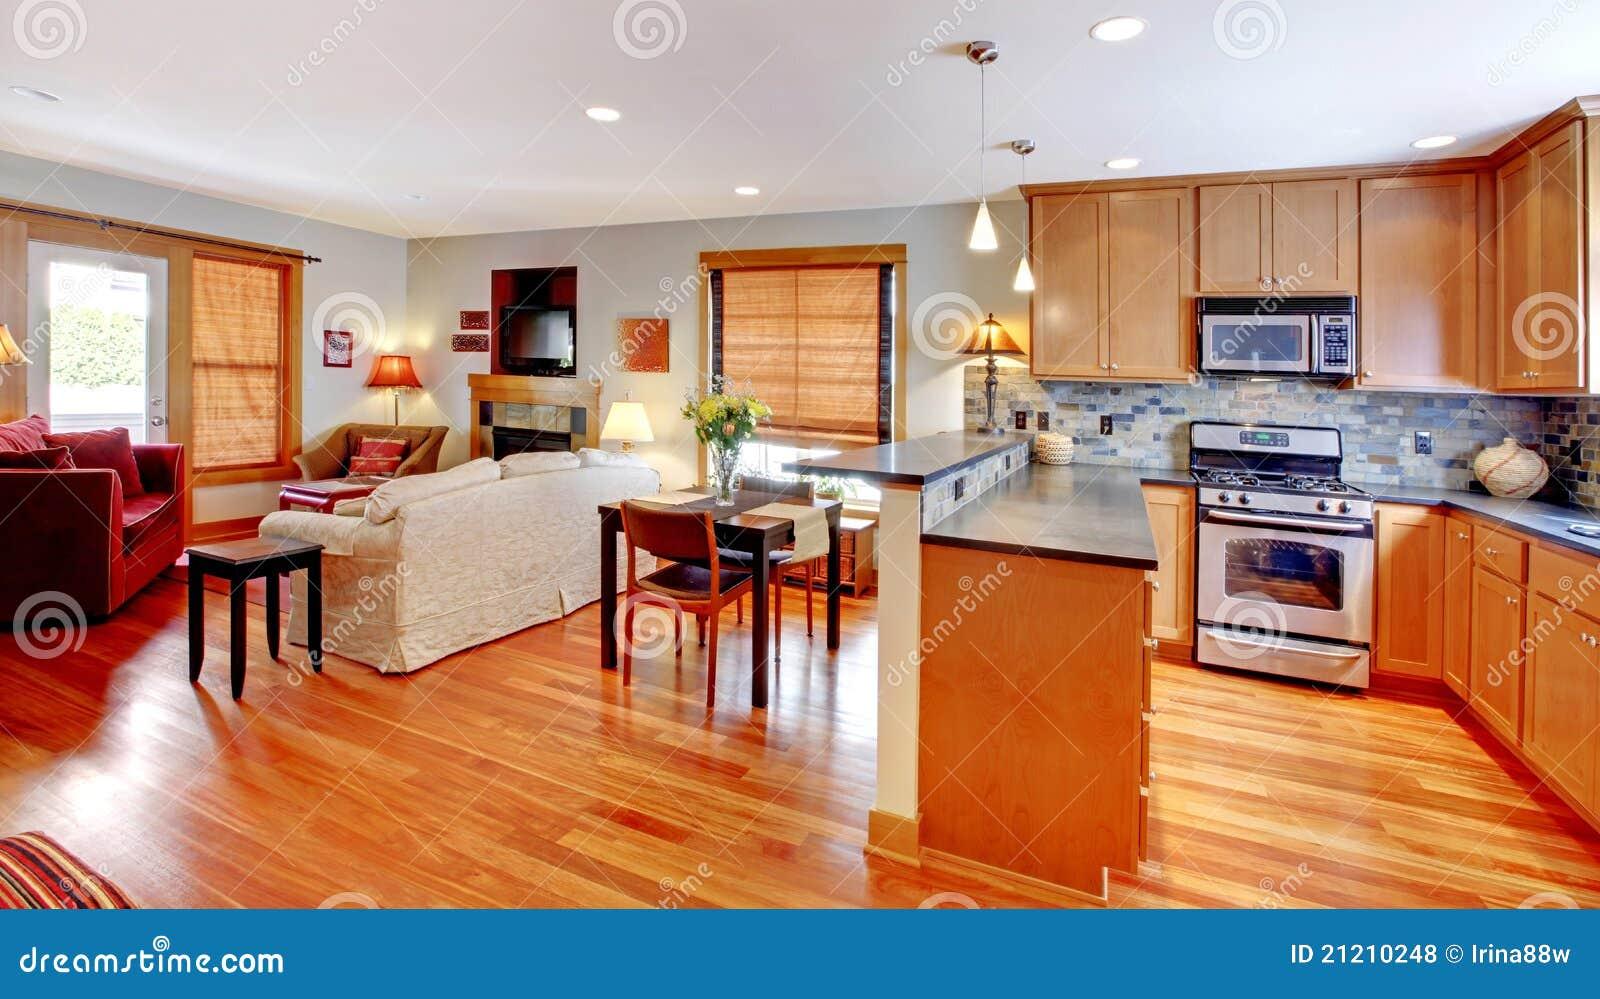 Cocina cena y sala de estar del hogar de la ciudad for Sala de estar estancia cocina abierta